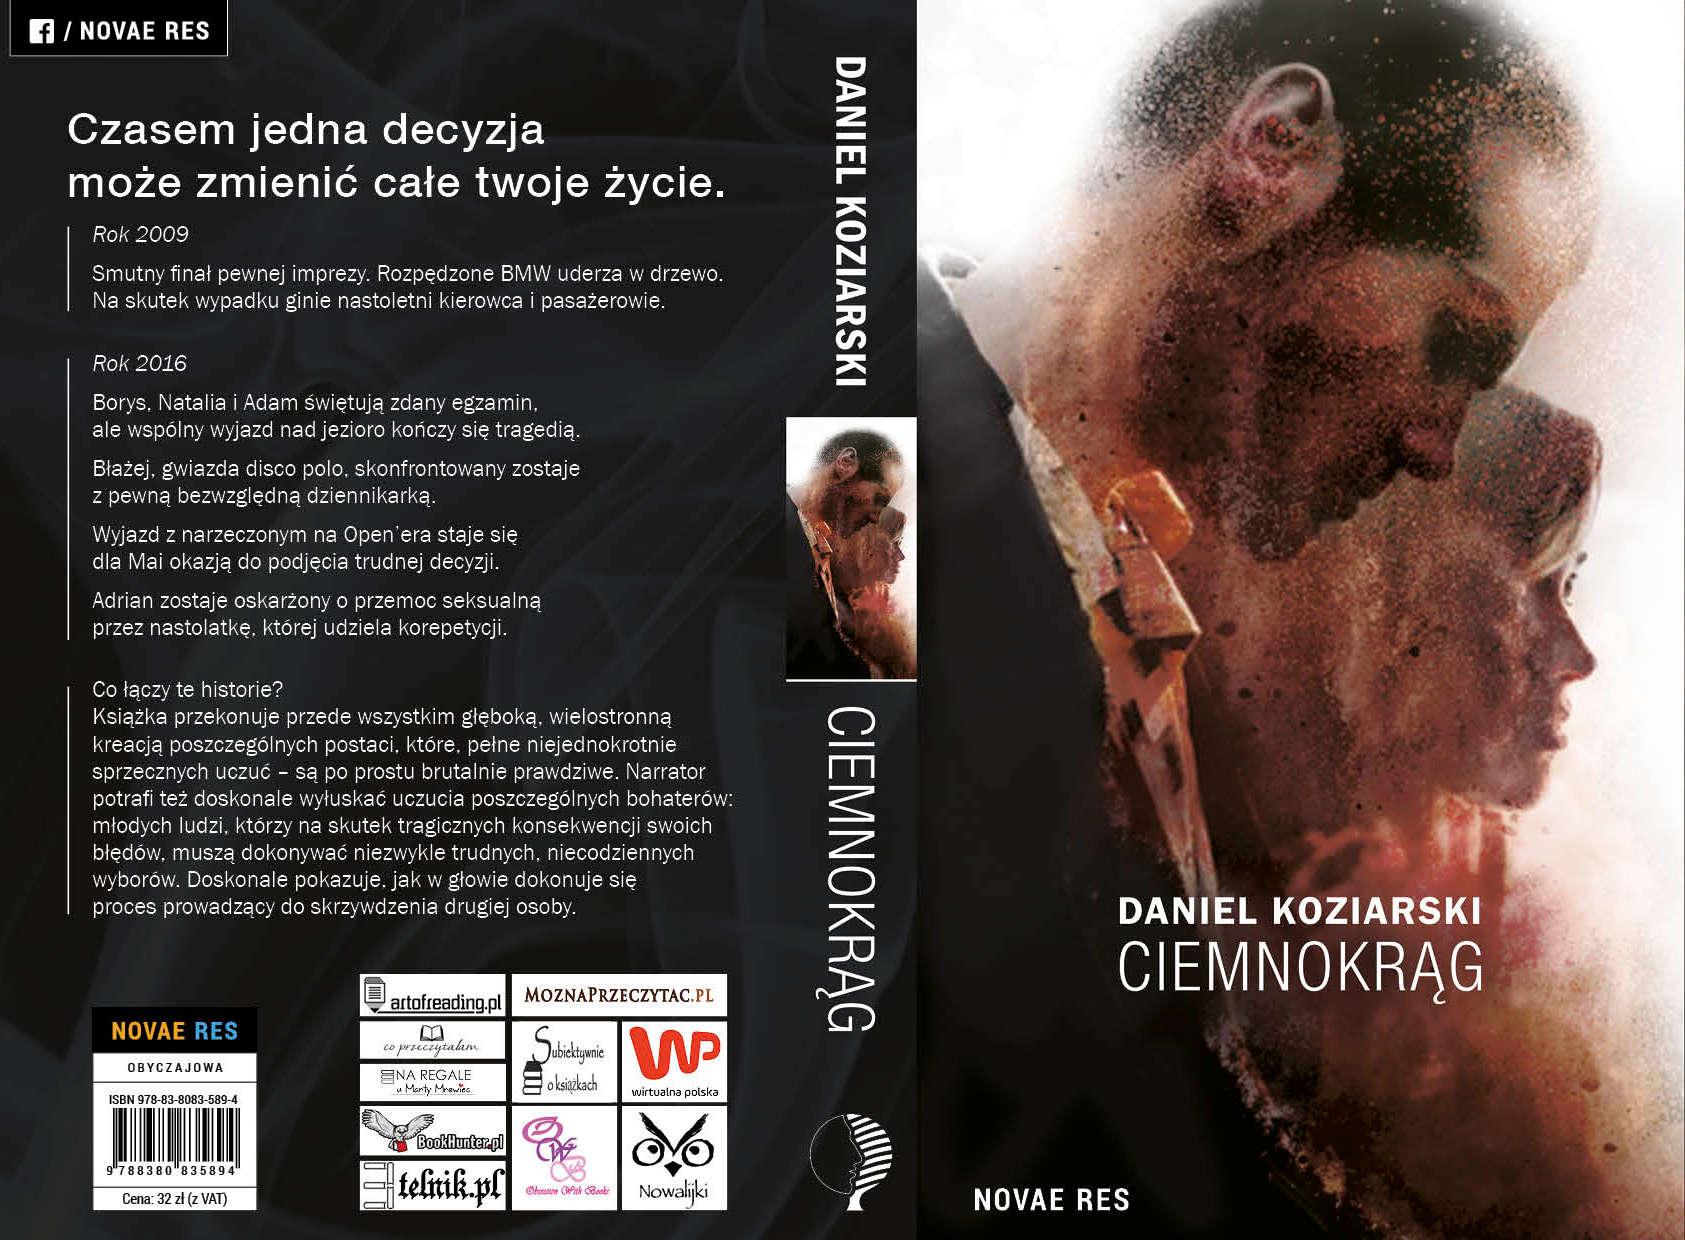 Ciemnokrąg - patronat MoznaPrzeczytac.pl